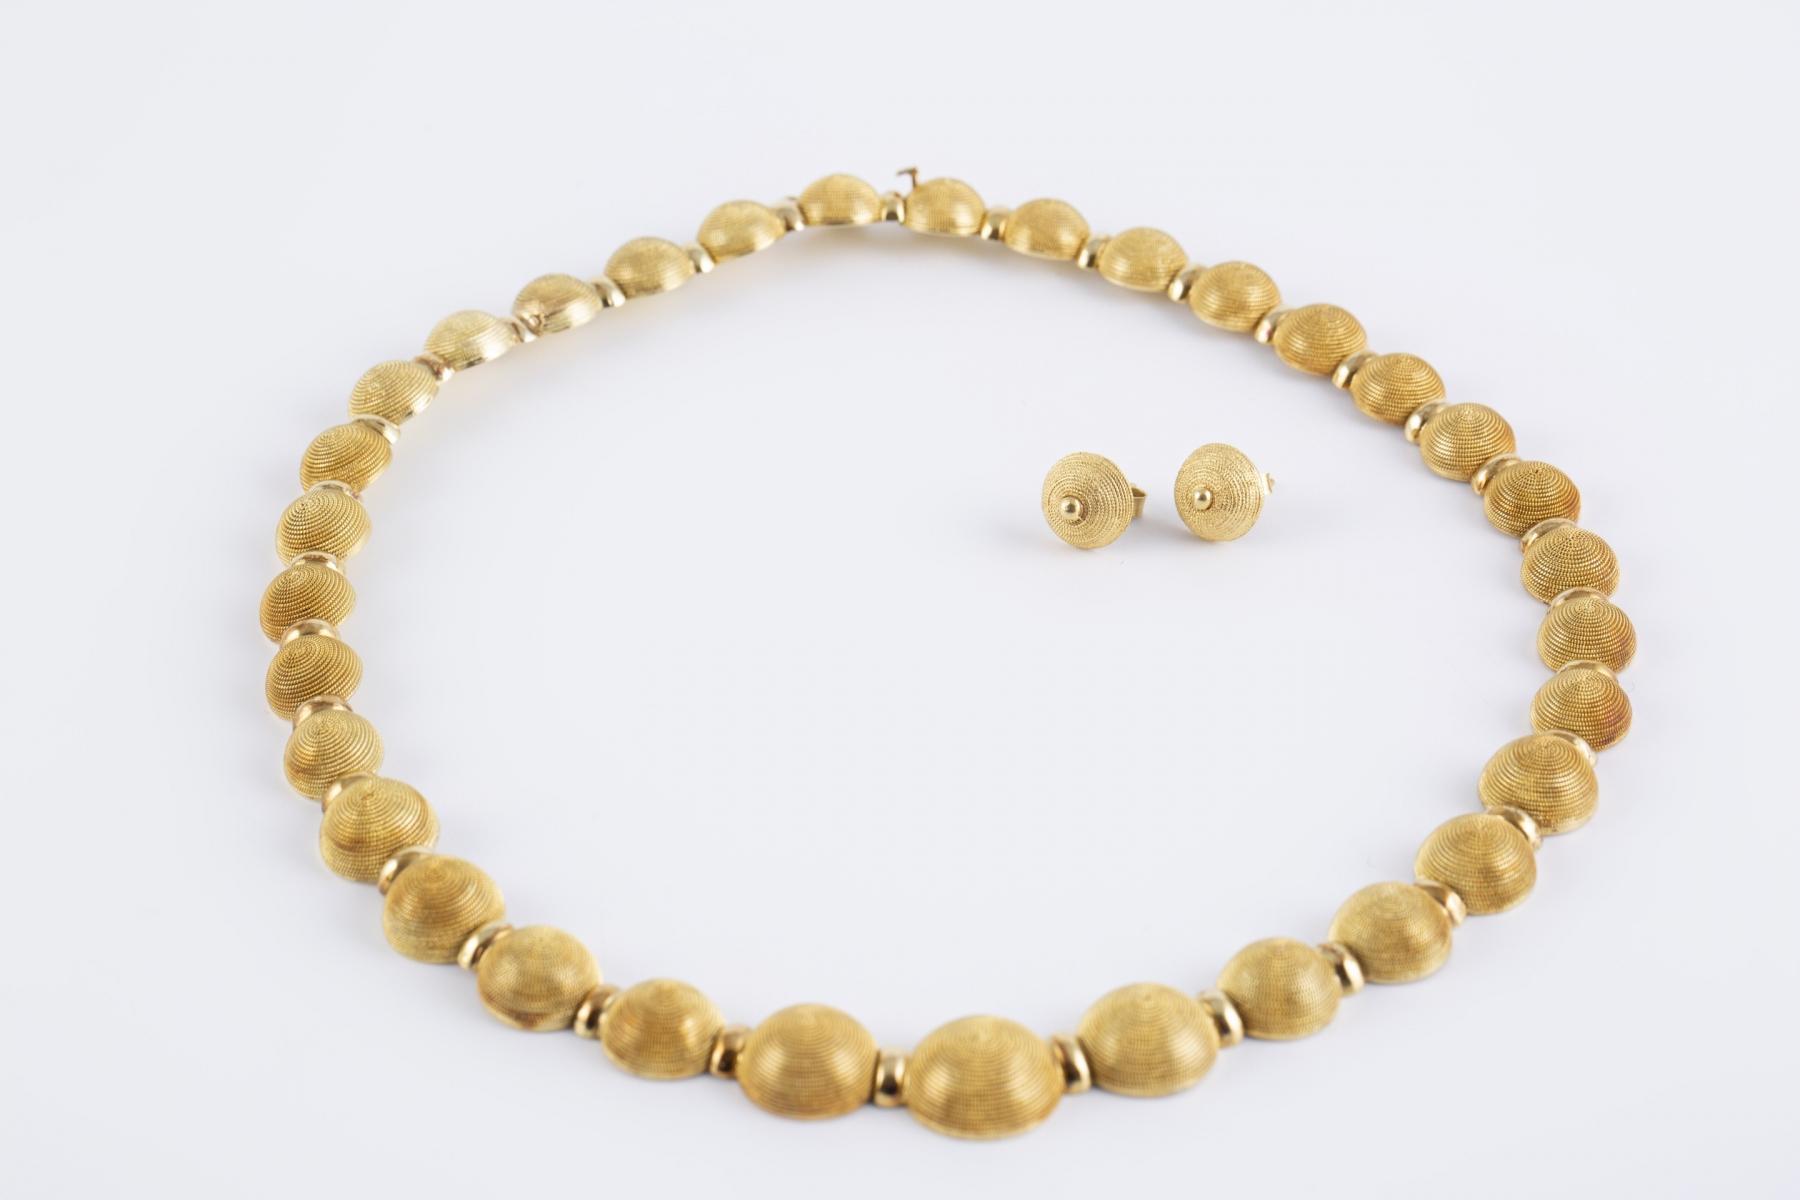 50 - Parure en or jaune comprenant un collier ras de cou et une paire de boucles d'oreilles assorties. Adjugé 3750€